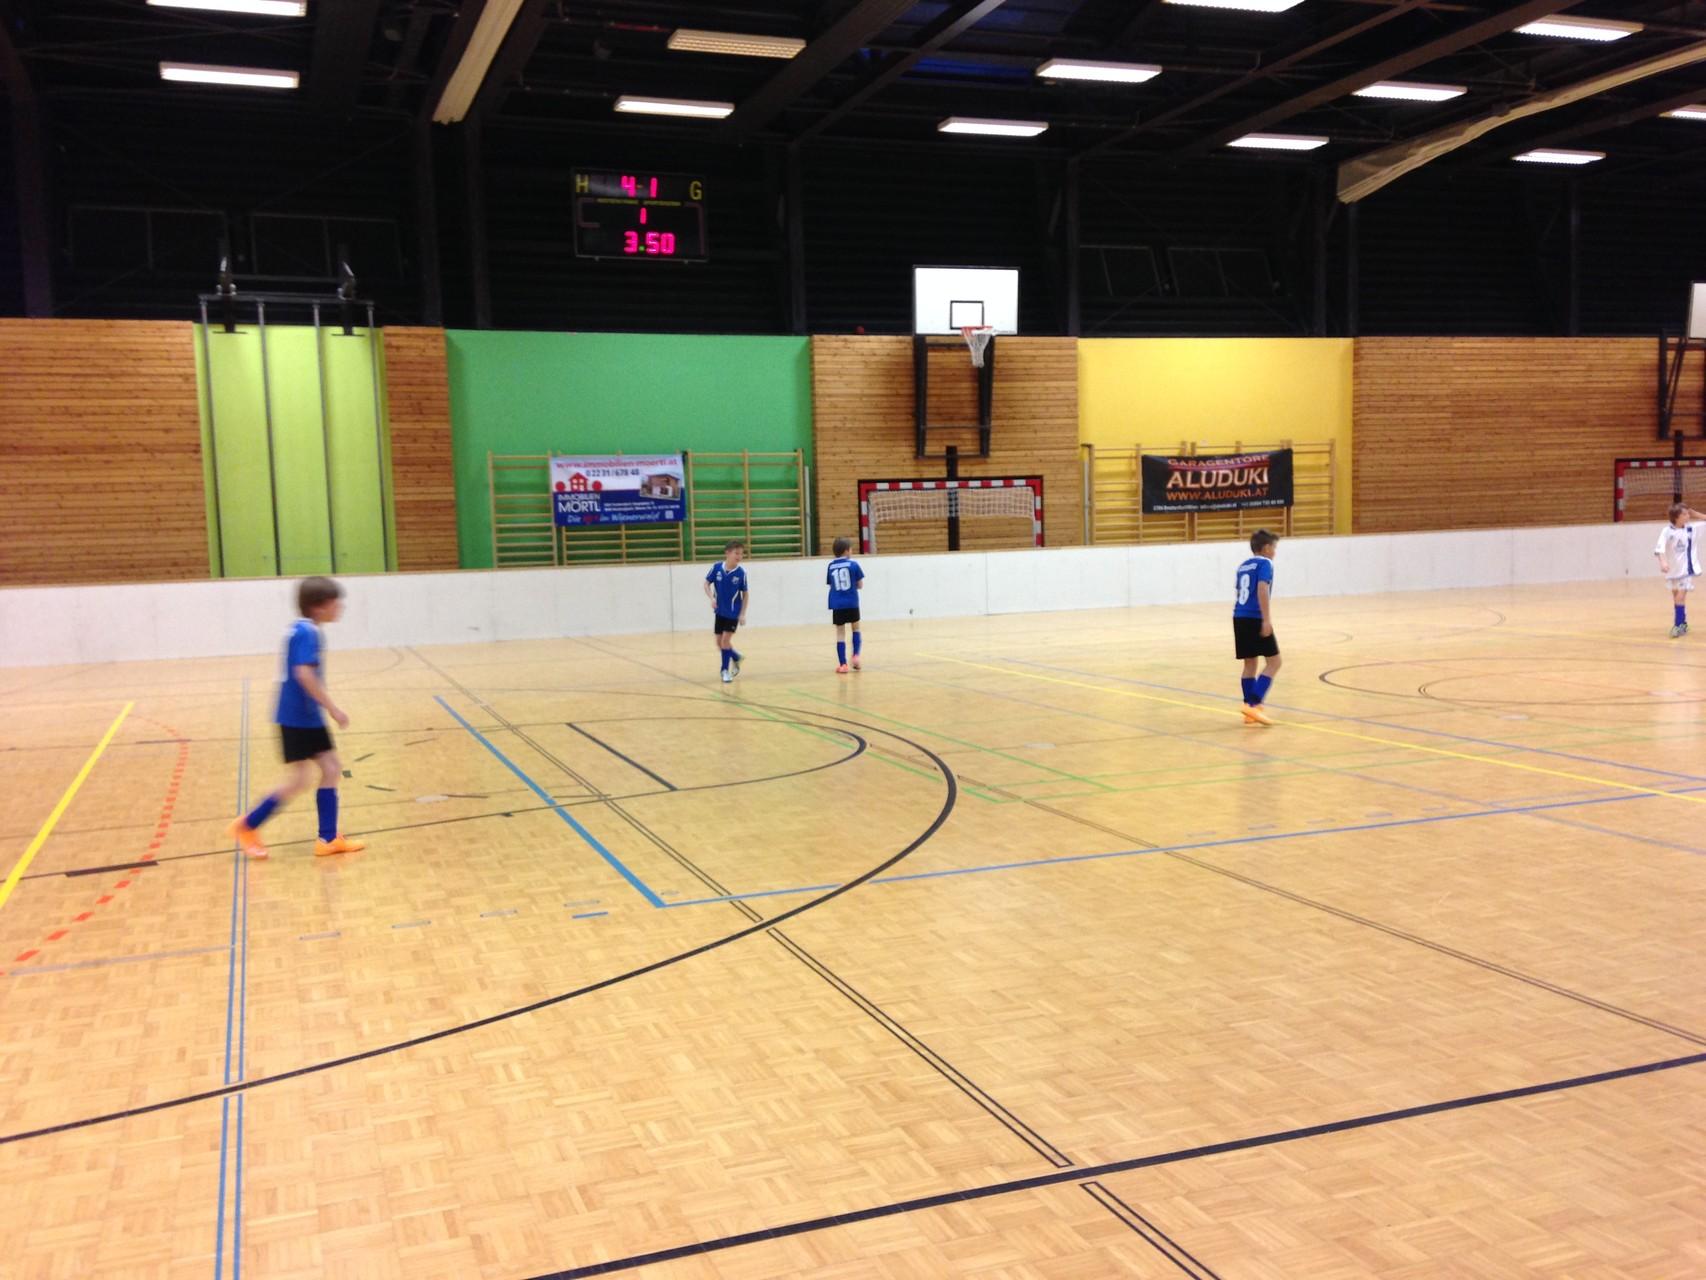 Hallenturnier SK Breitenfurt - 2.Platz